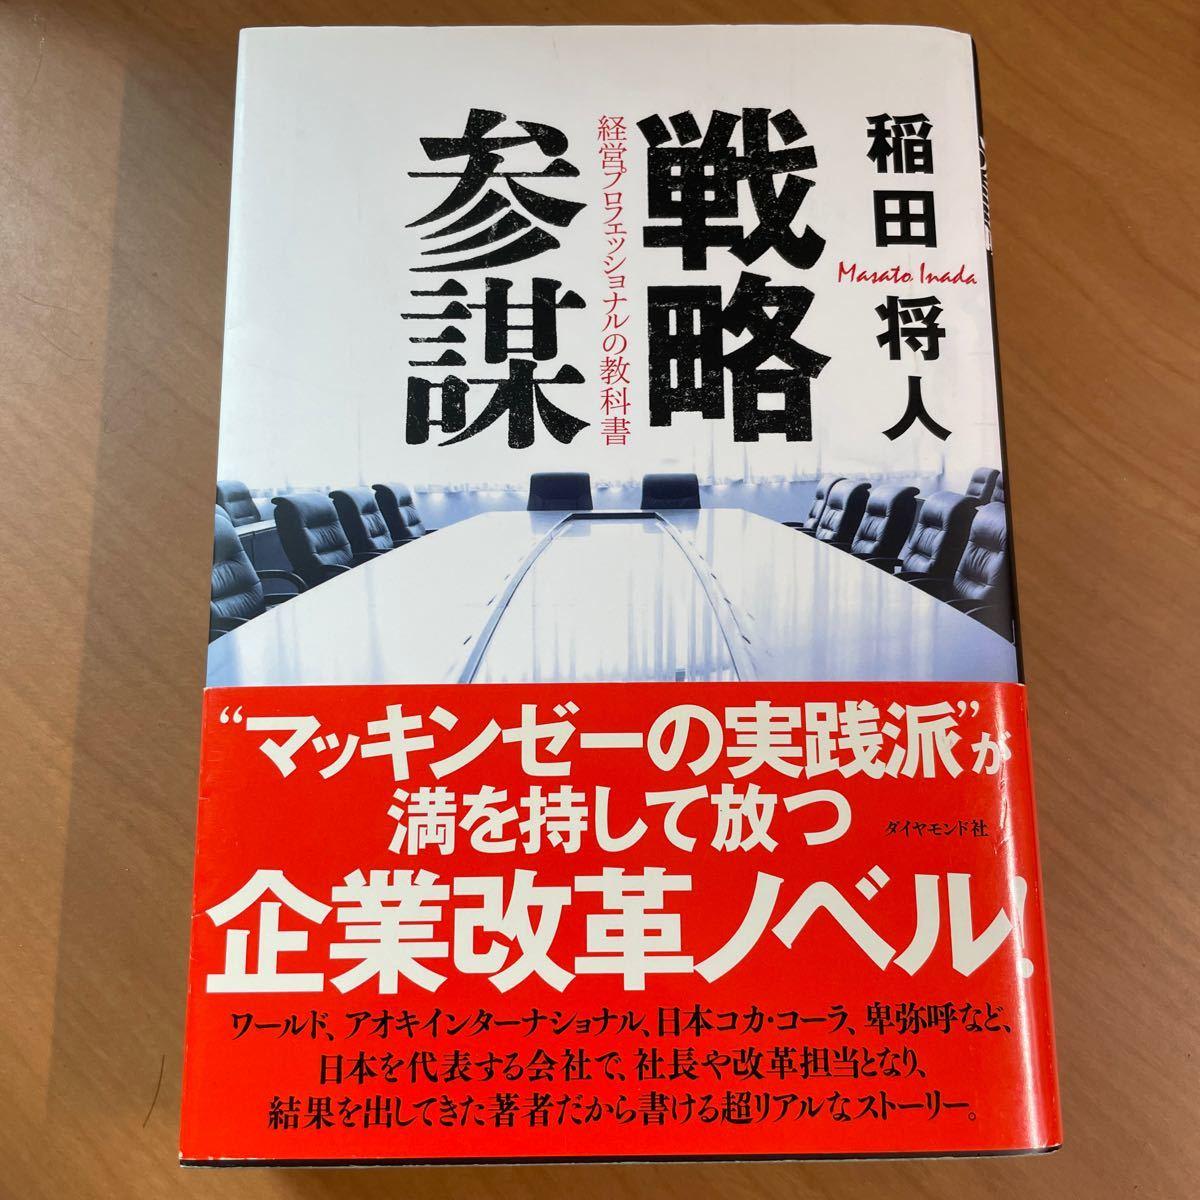 戦略参謀:経営プロフェッショナルの教科書 稲田将人 【著】 ダイヤモンド社